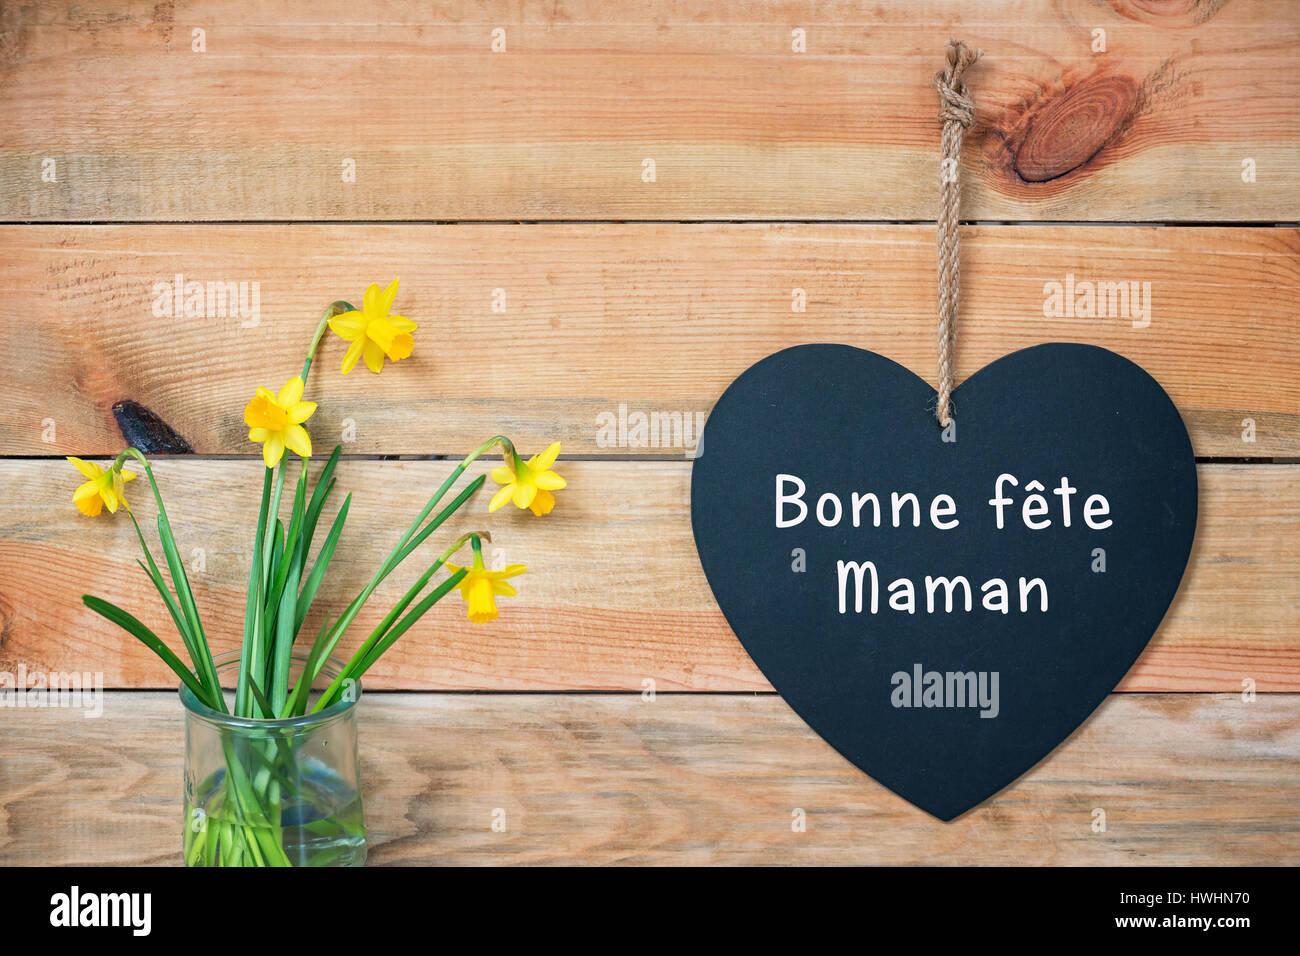 Bonne Fete Maman Fête Des Mères Carte Bois Bandes De Jonquilles